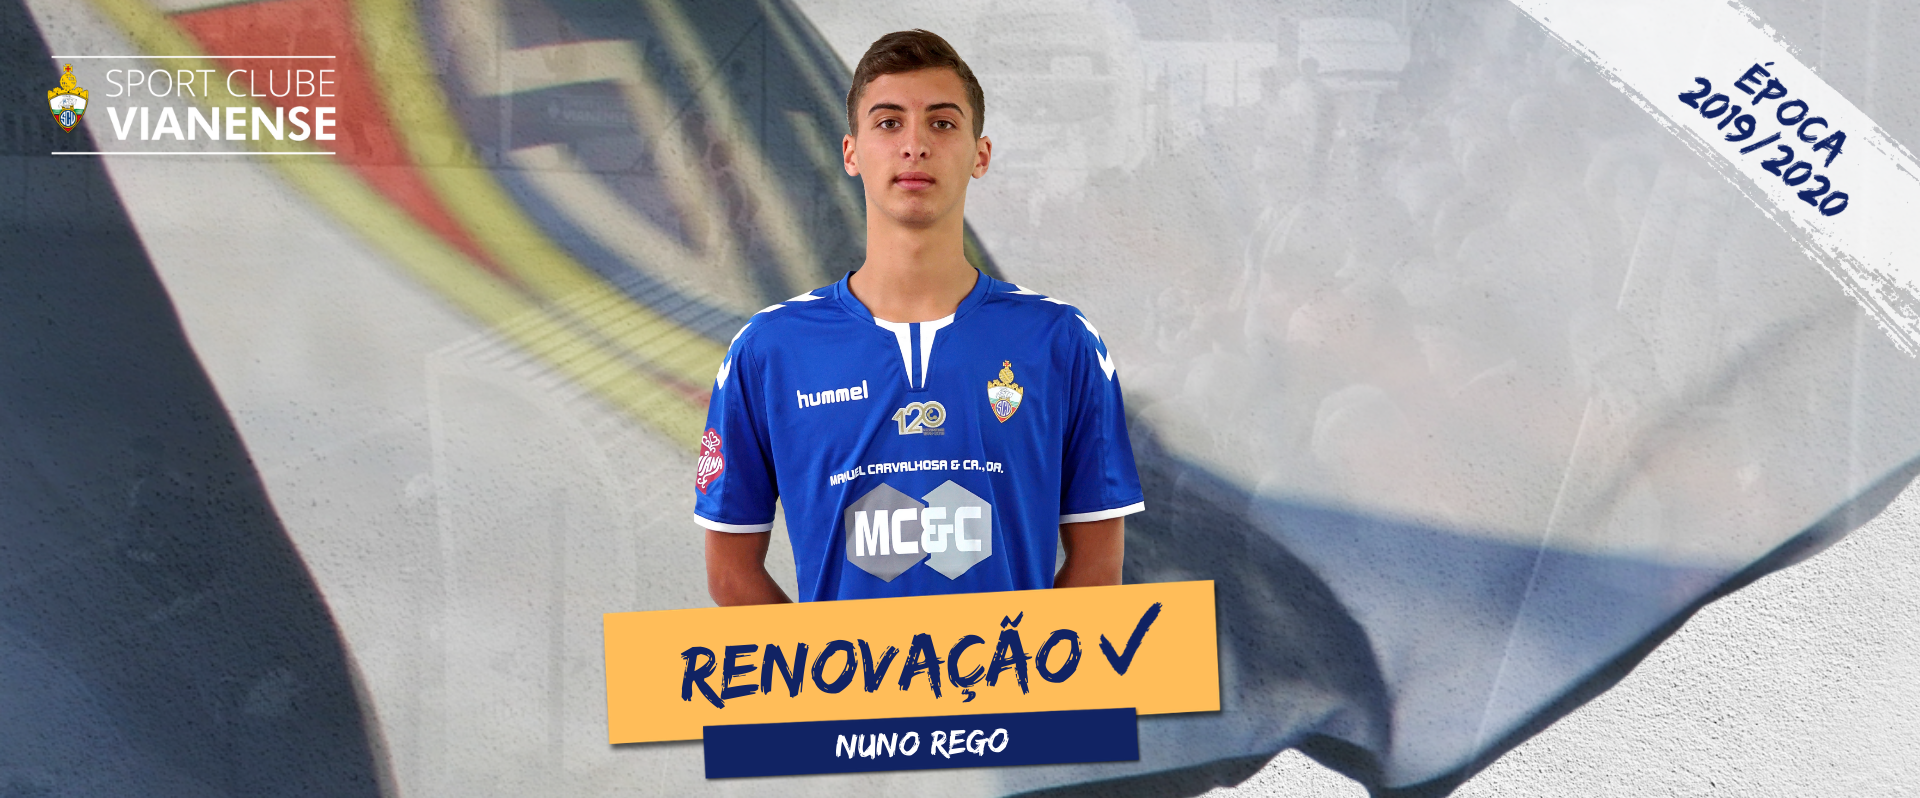 Nuno Rego continua!